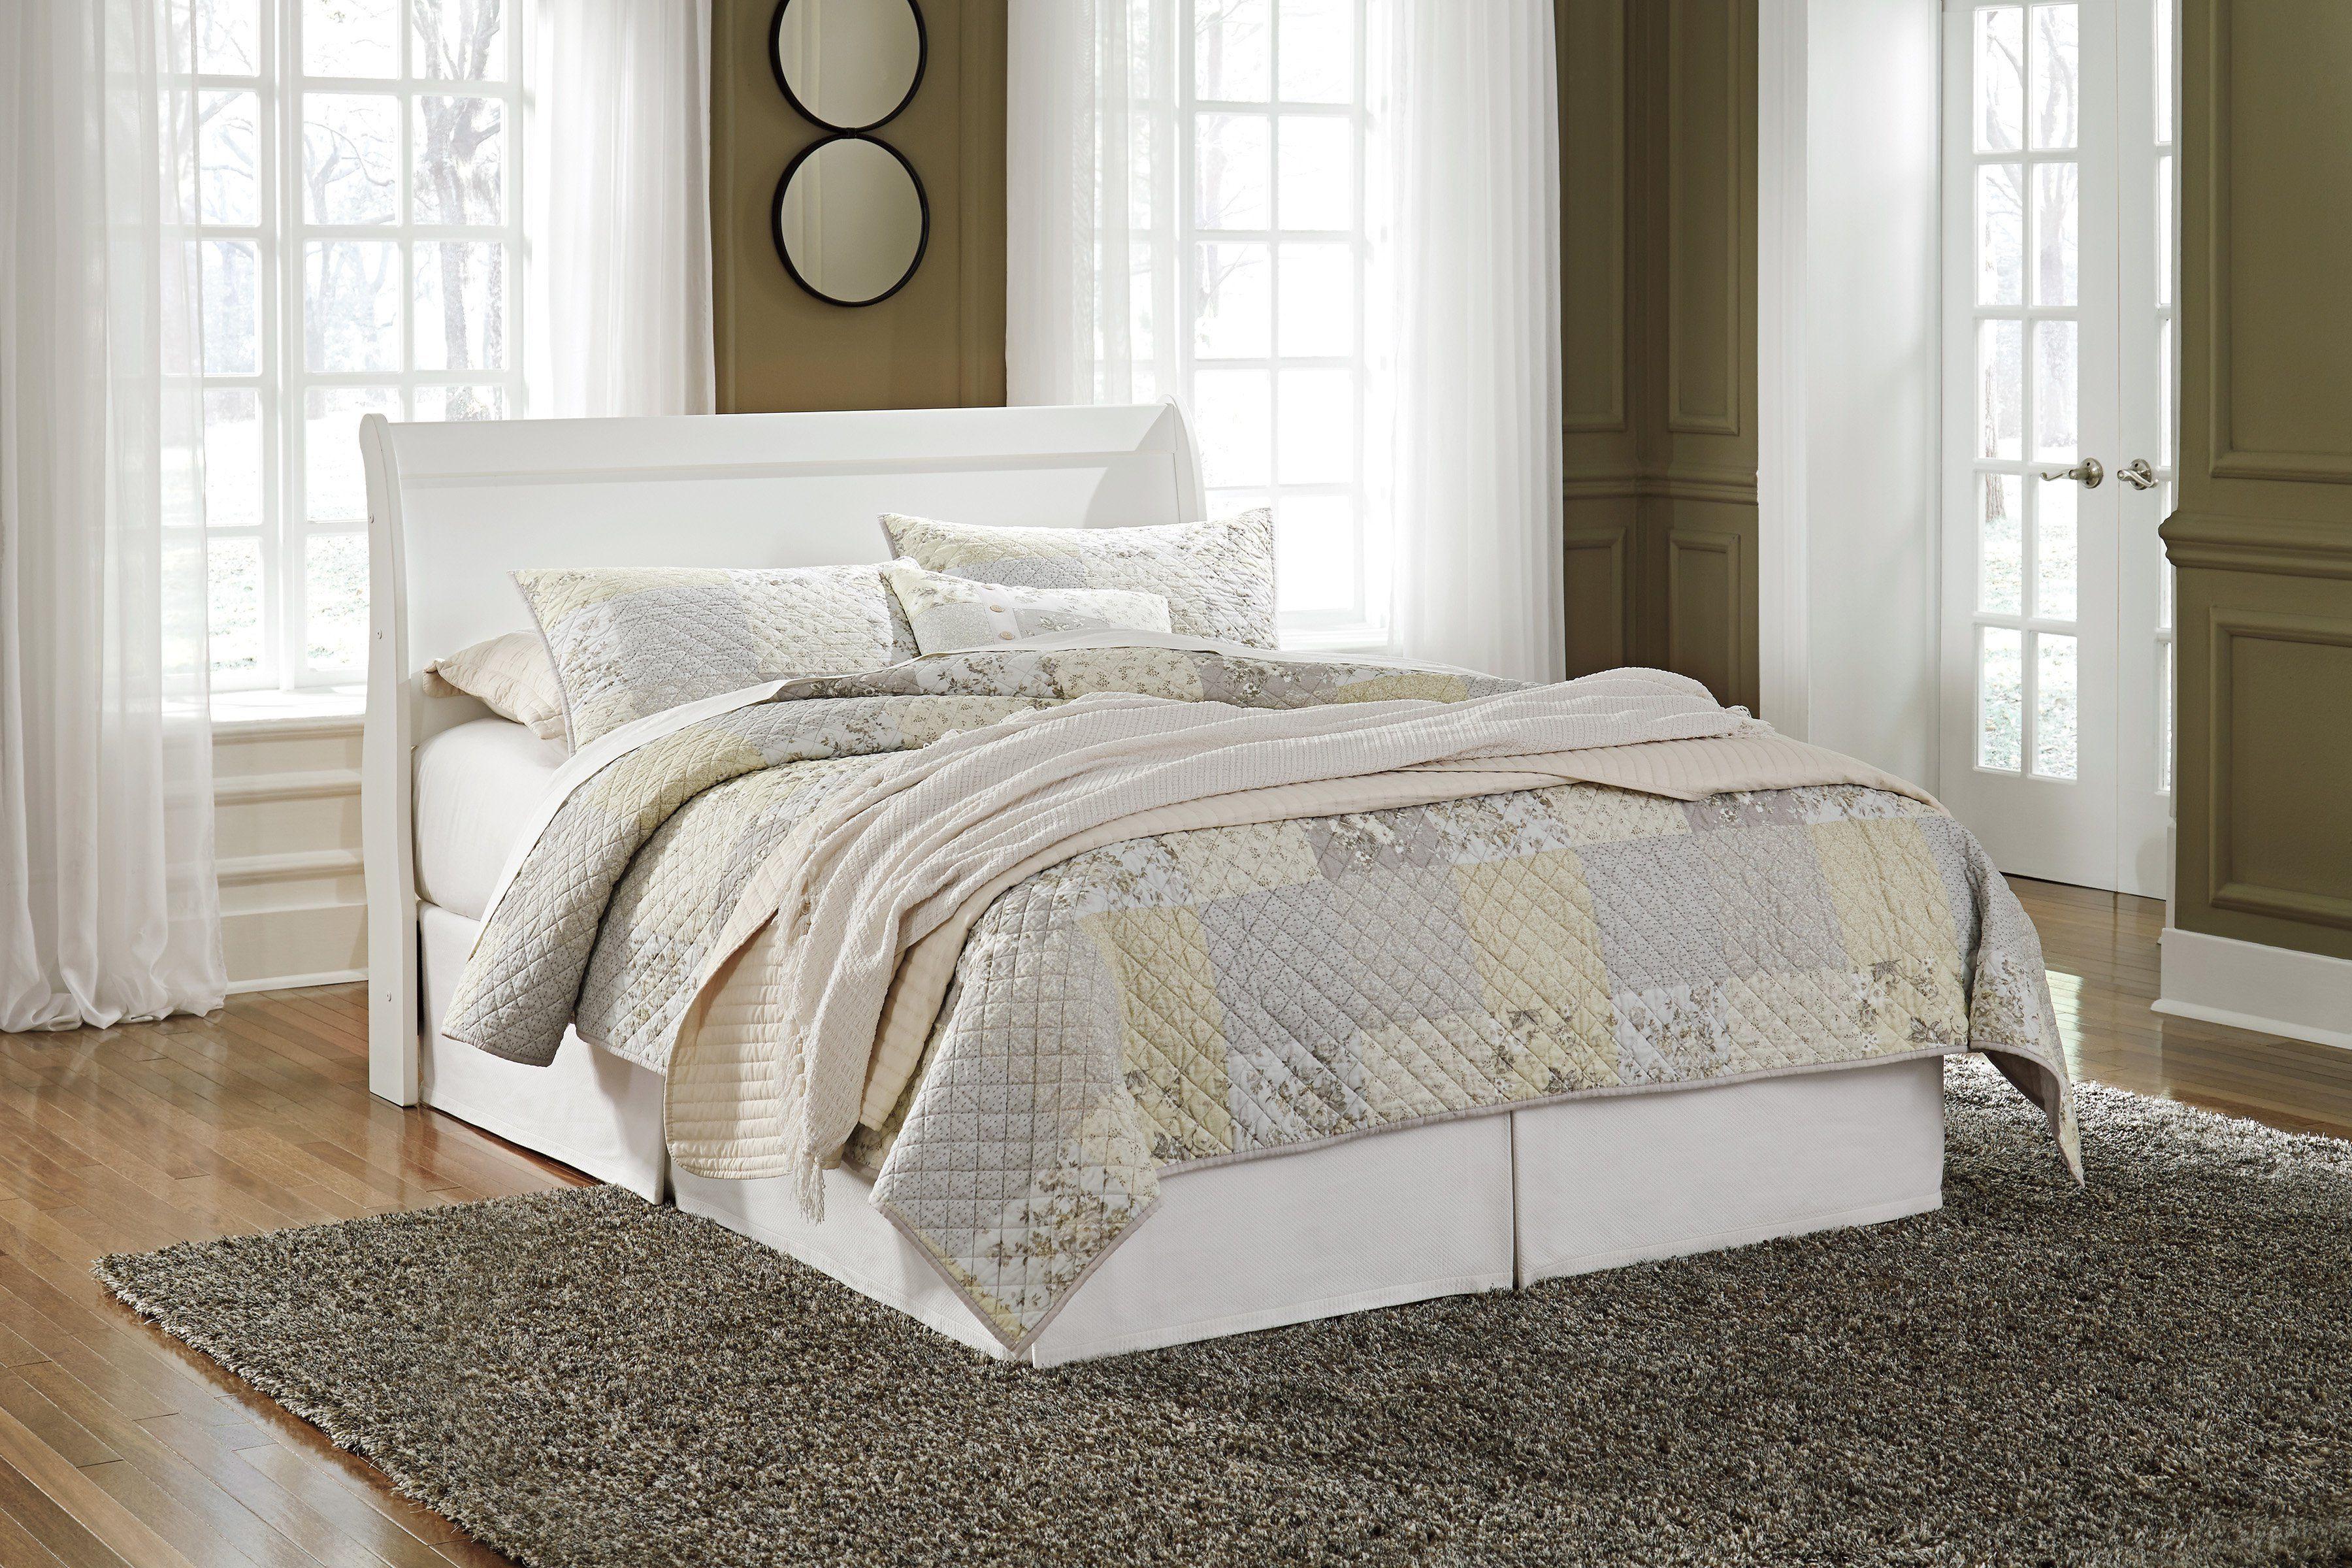 Best Anarasia Sleigh Headboard White White Headboard 640 x 480